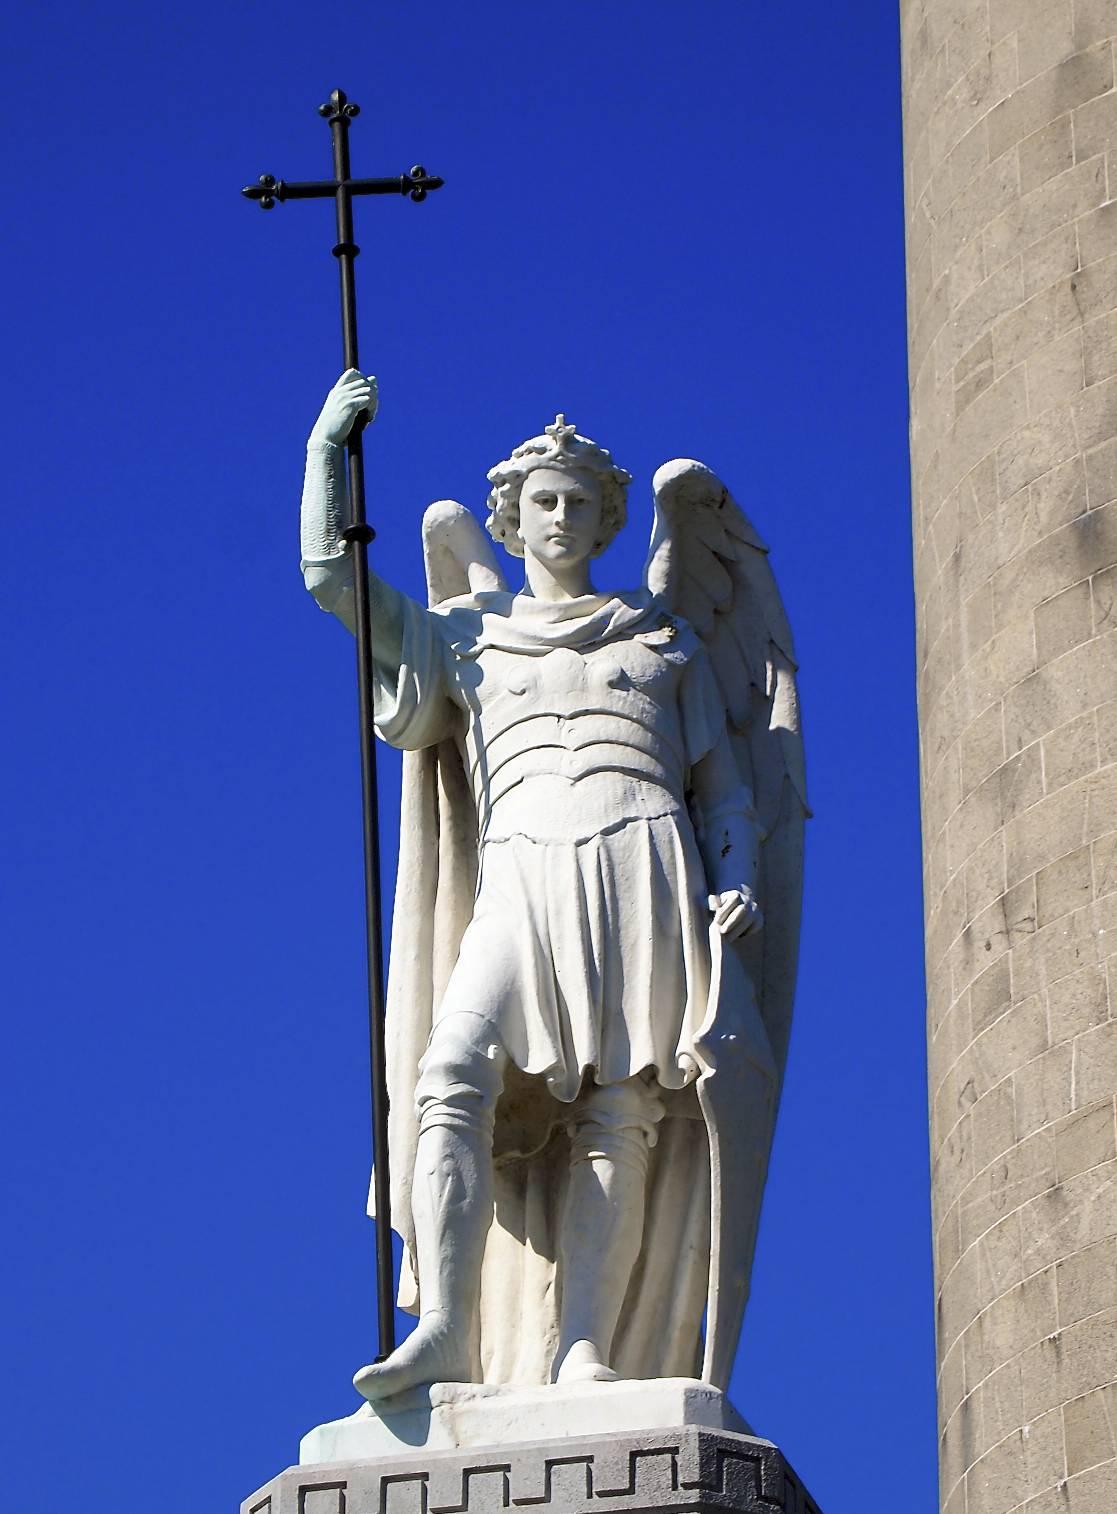 Famous Archangel Michael Statue a Statue of Archangel Michael